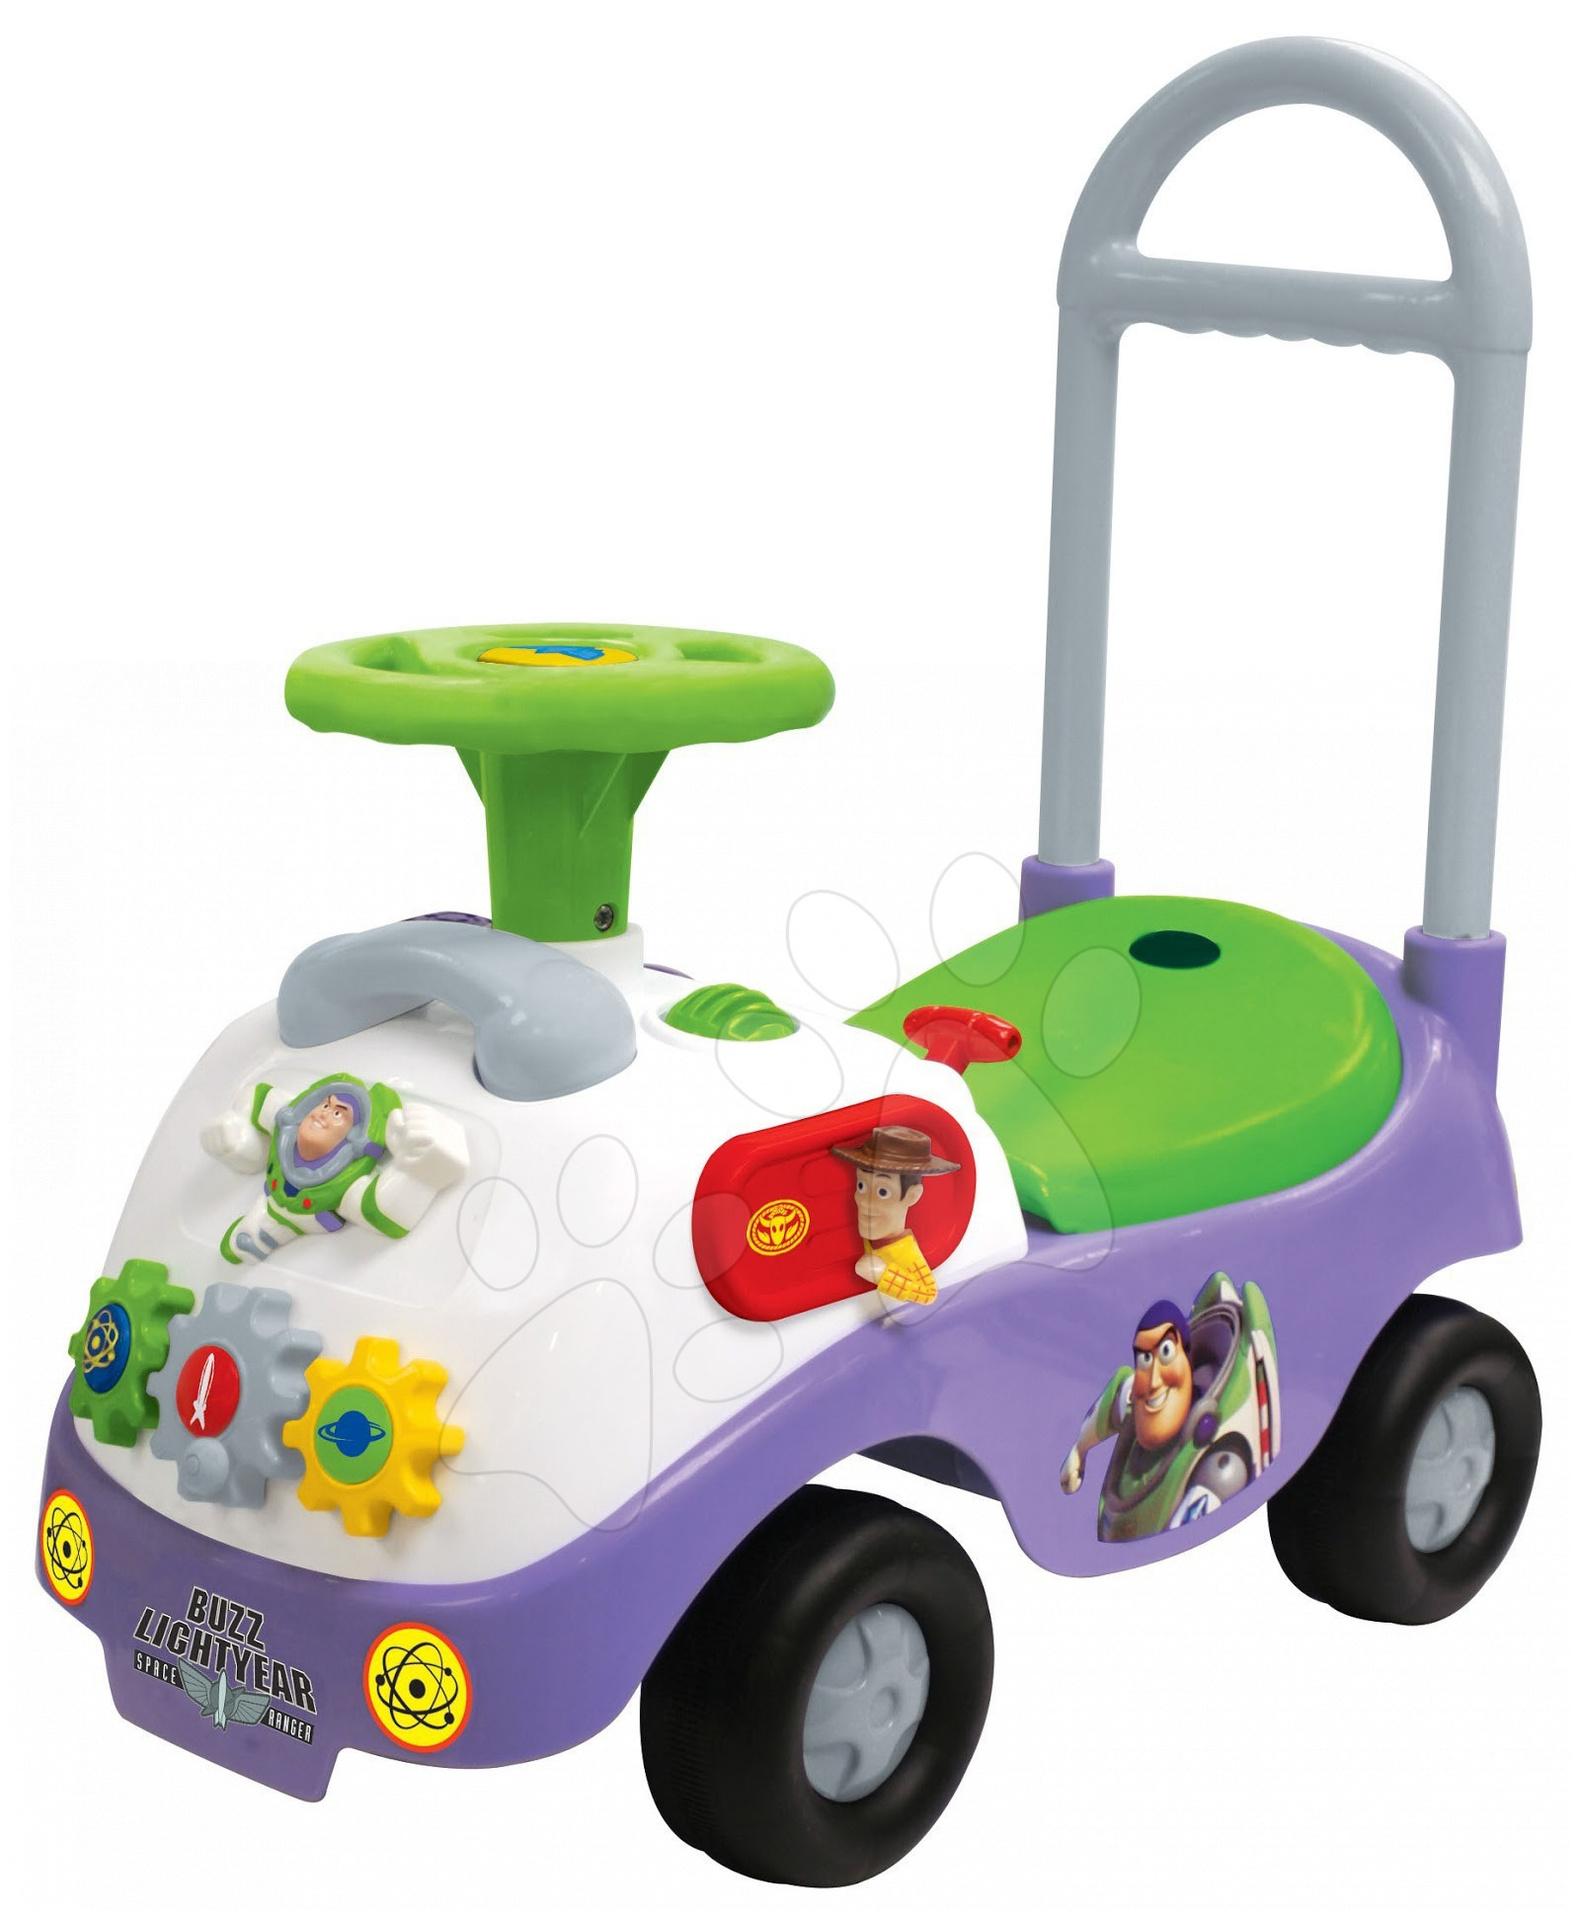 Staré položky - Odrážedlo Toy Story  Kiddieland elektronické se světlem a zvukem od 12 měsíců